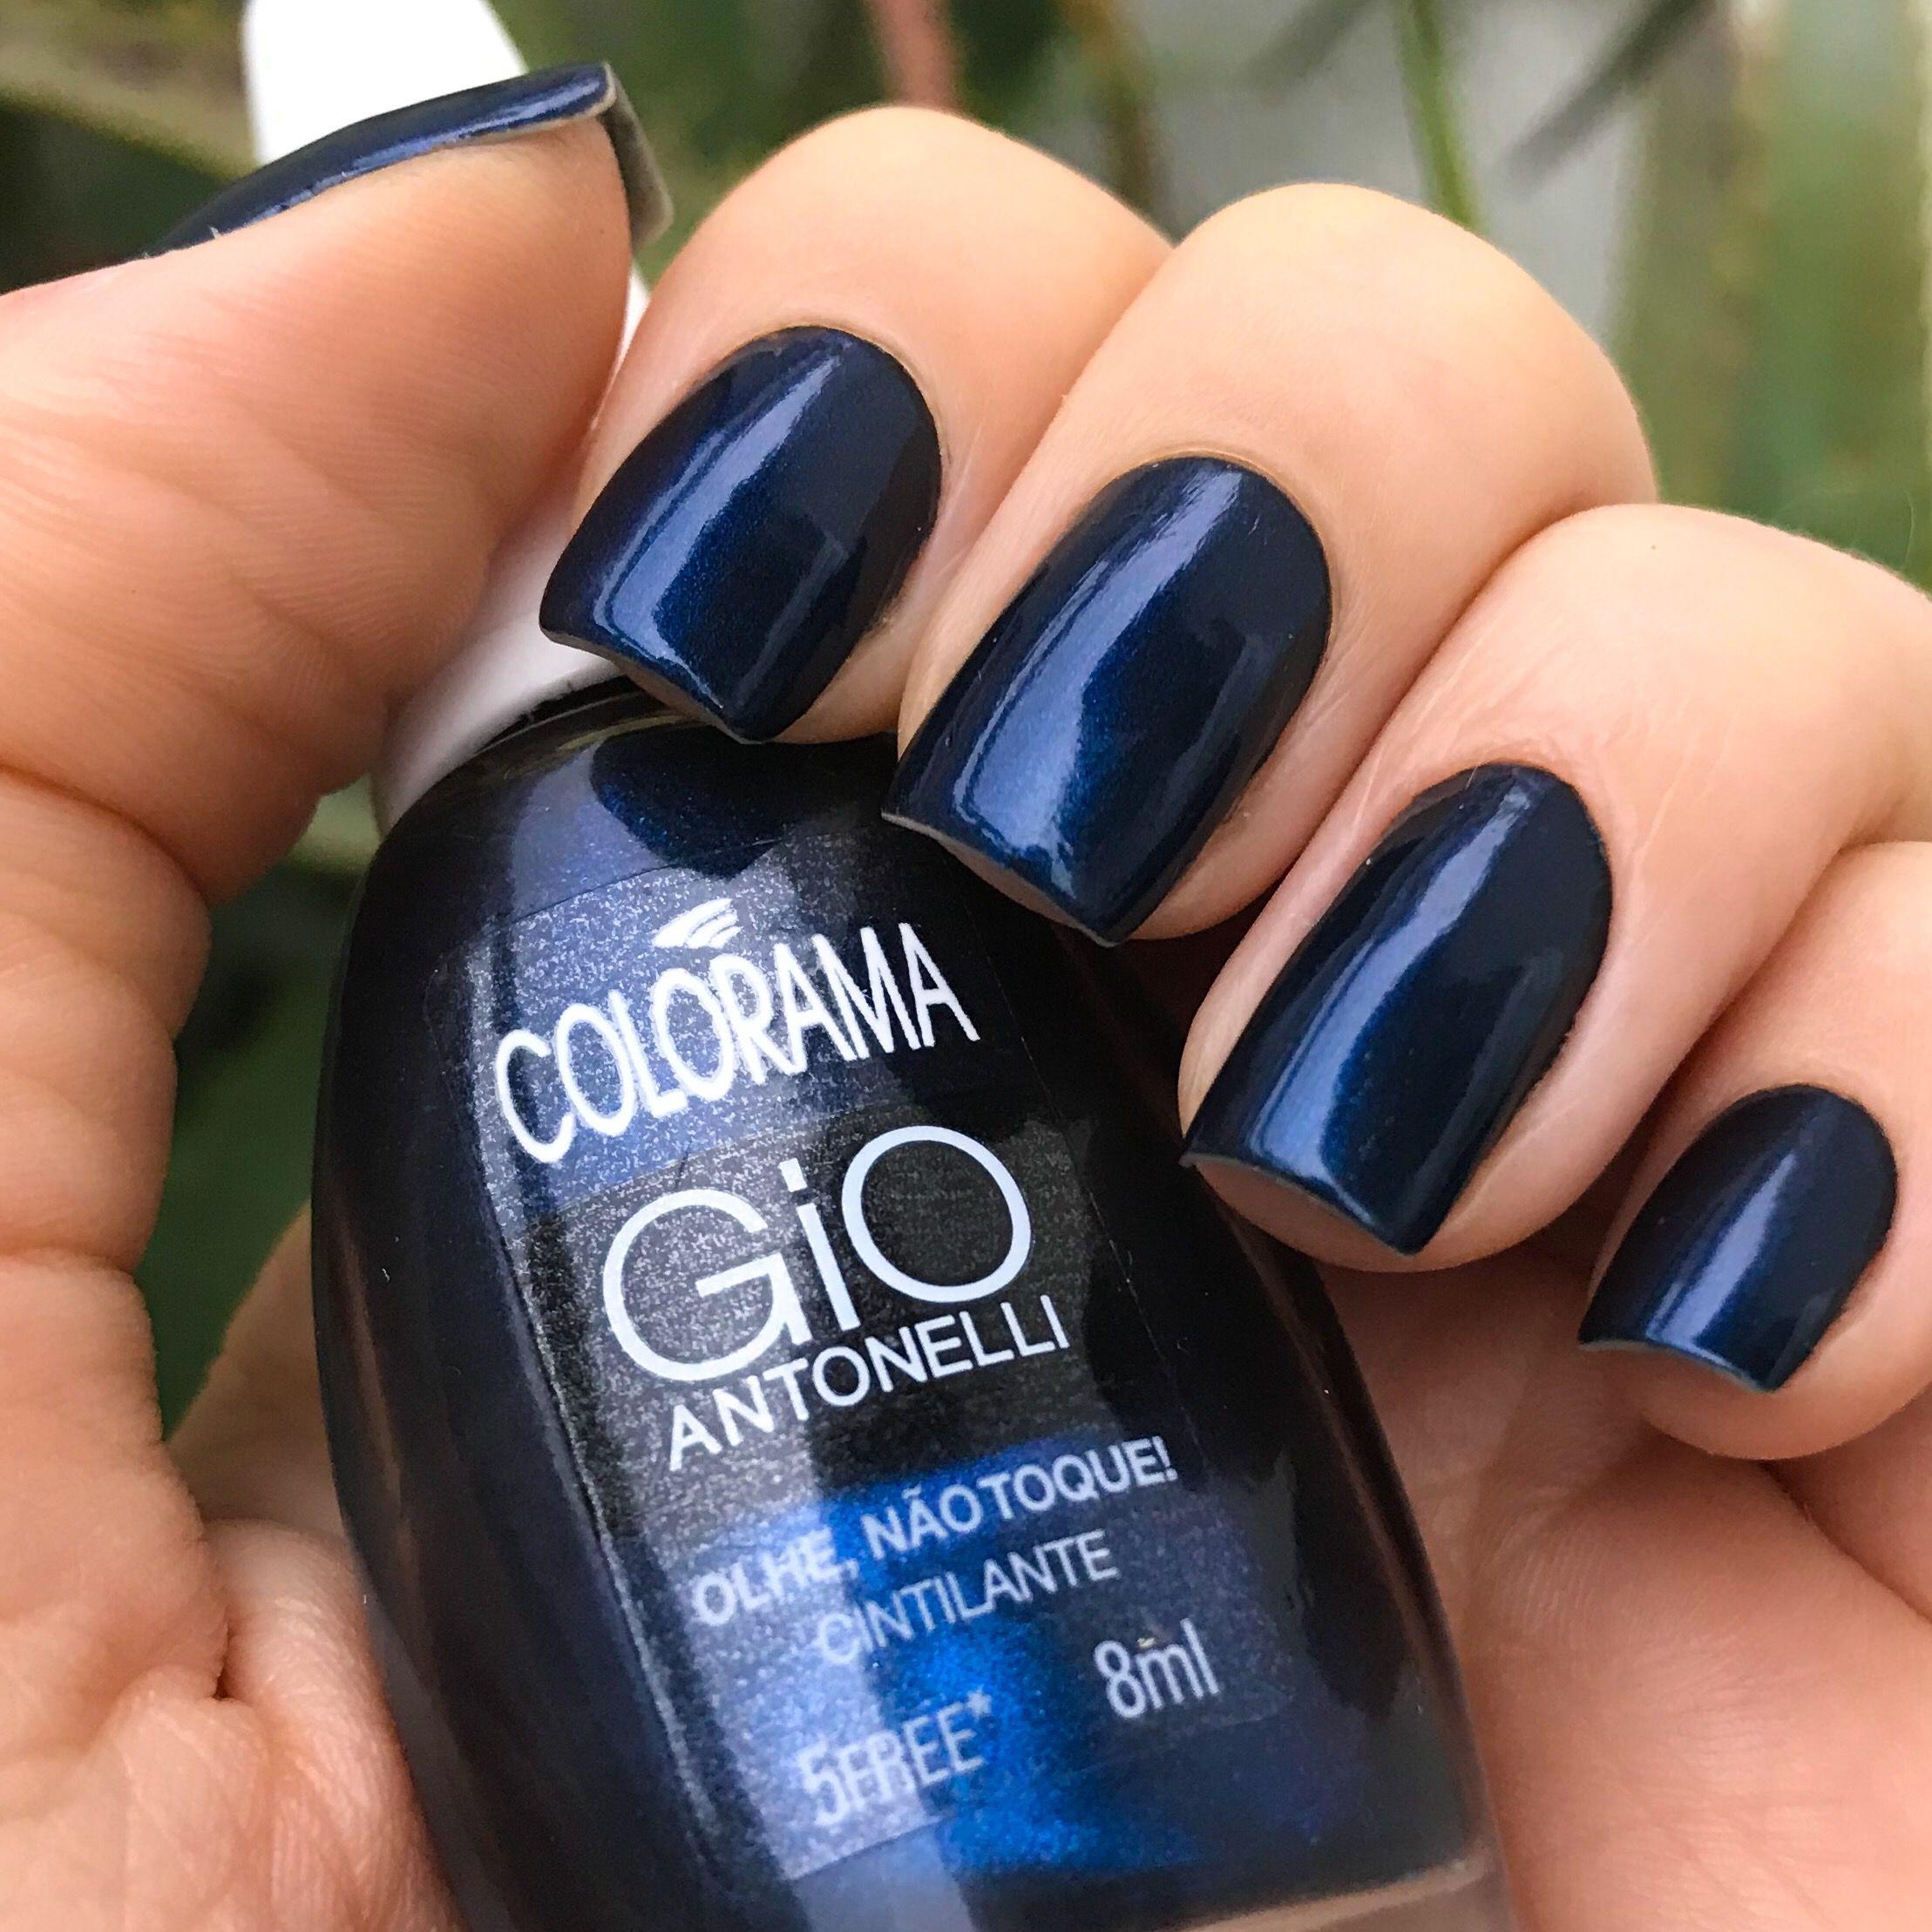 2e981c651 Colorama. Essa é uma das cores de esmalte que eu mais amo azul escuro  cintilante/ metalizado. Ótima cobertura e fácil de limpar. Da coleção Gio  Antonelli.